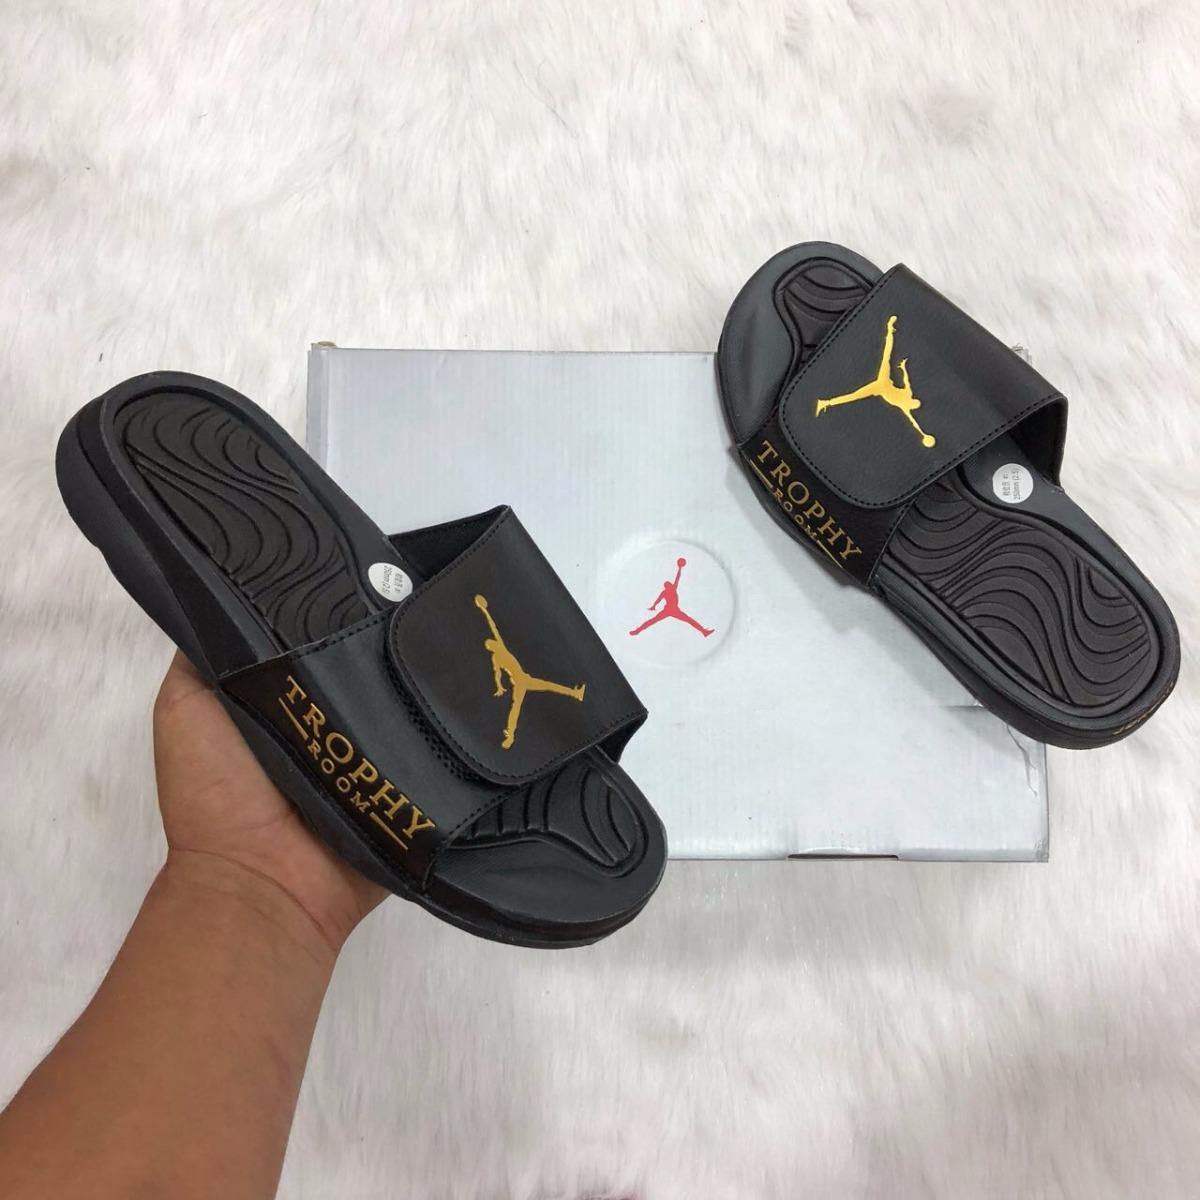 Compras en línea de Sandalias y chanclas de una gran selección en la tienda Zapatos y complementos.